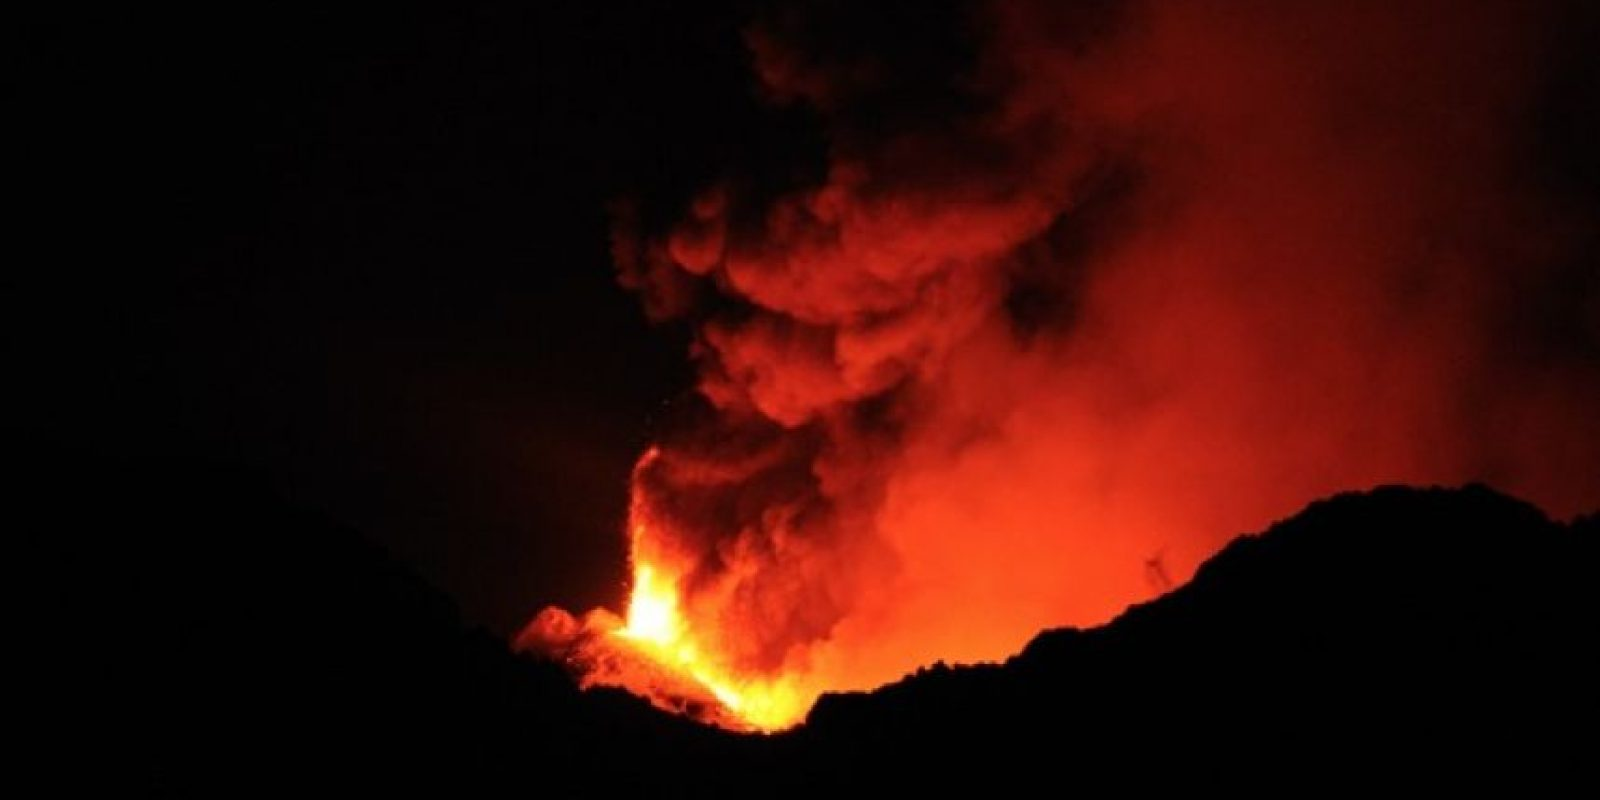 Las erupciones son consecuencia del aumento de la temperatura en el magma que se encuentra en el interior del manto terrestre. Foto:Wikipedia